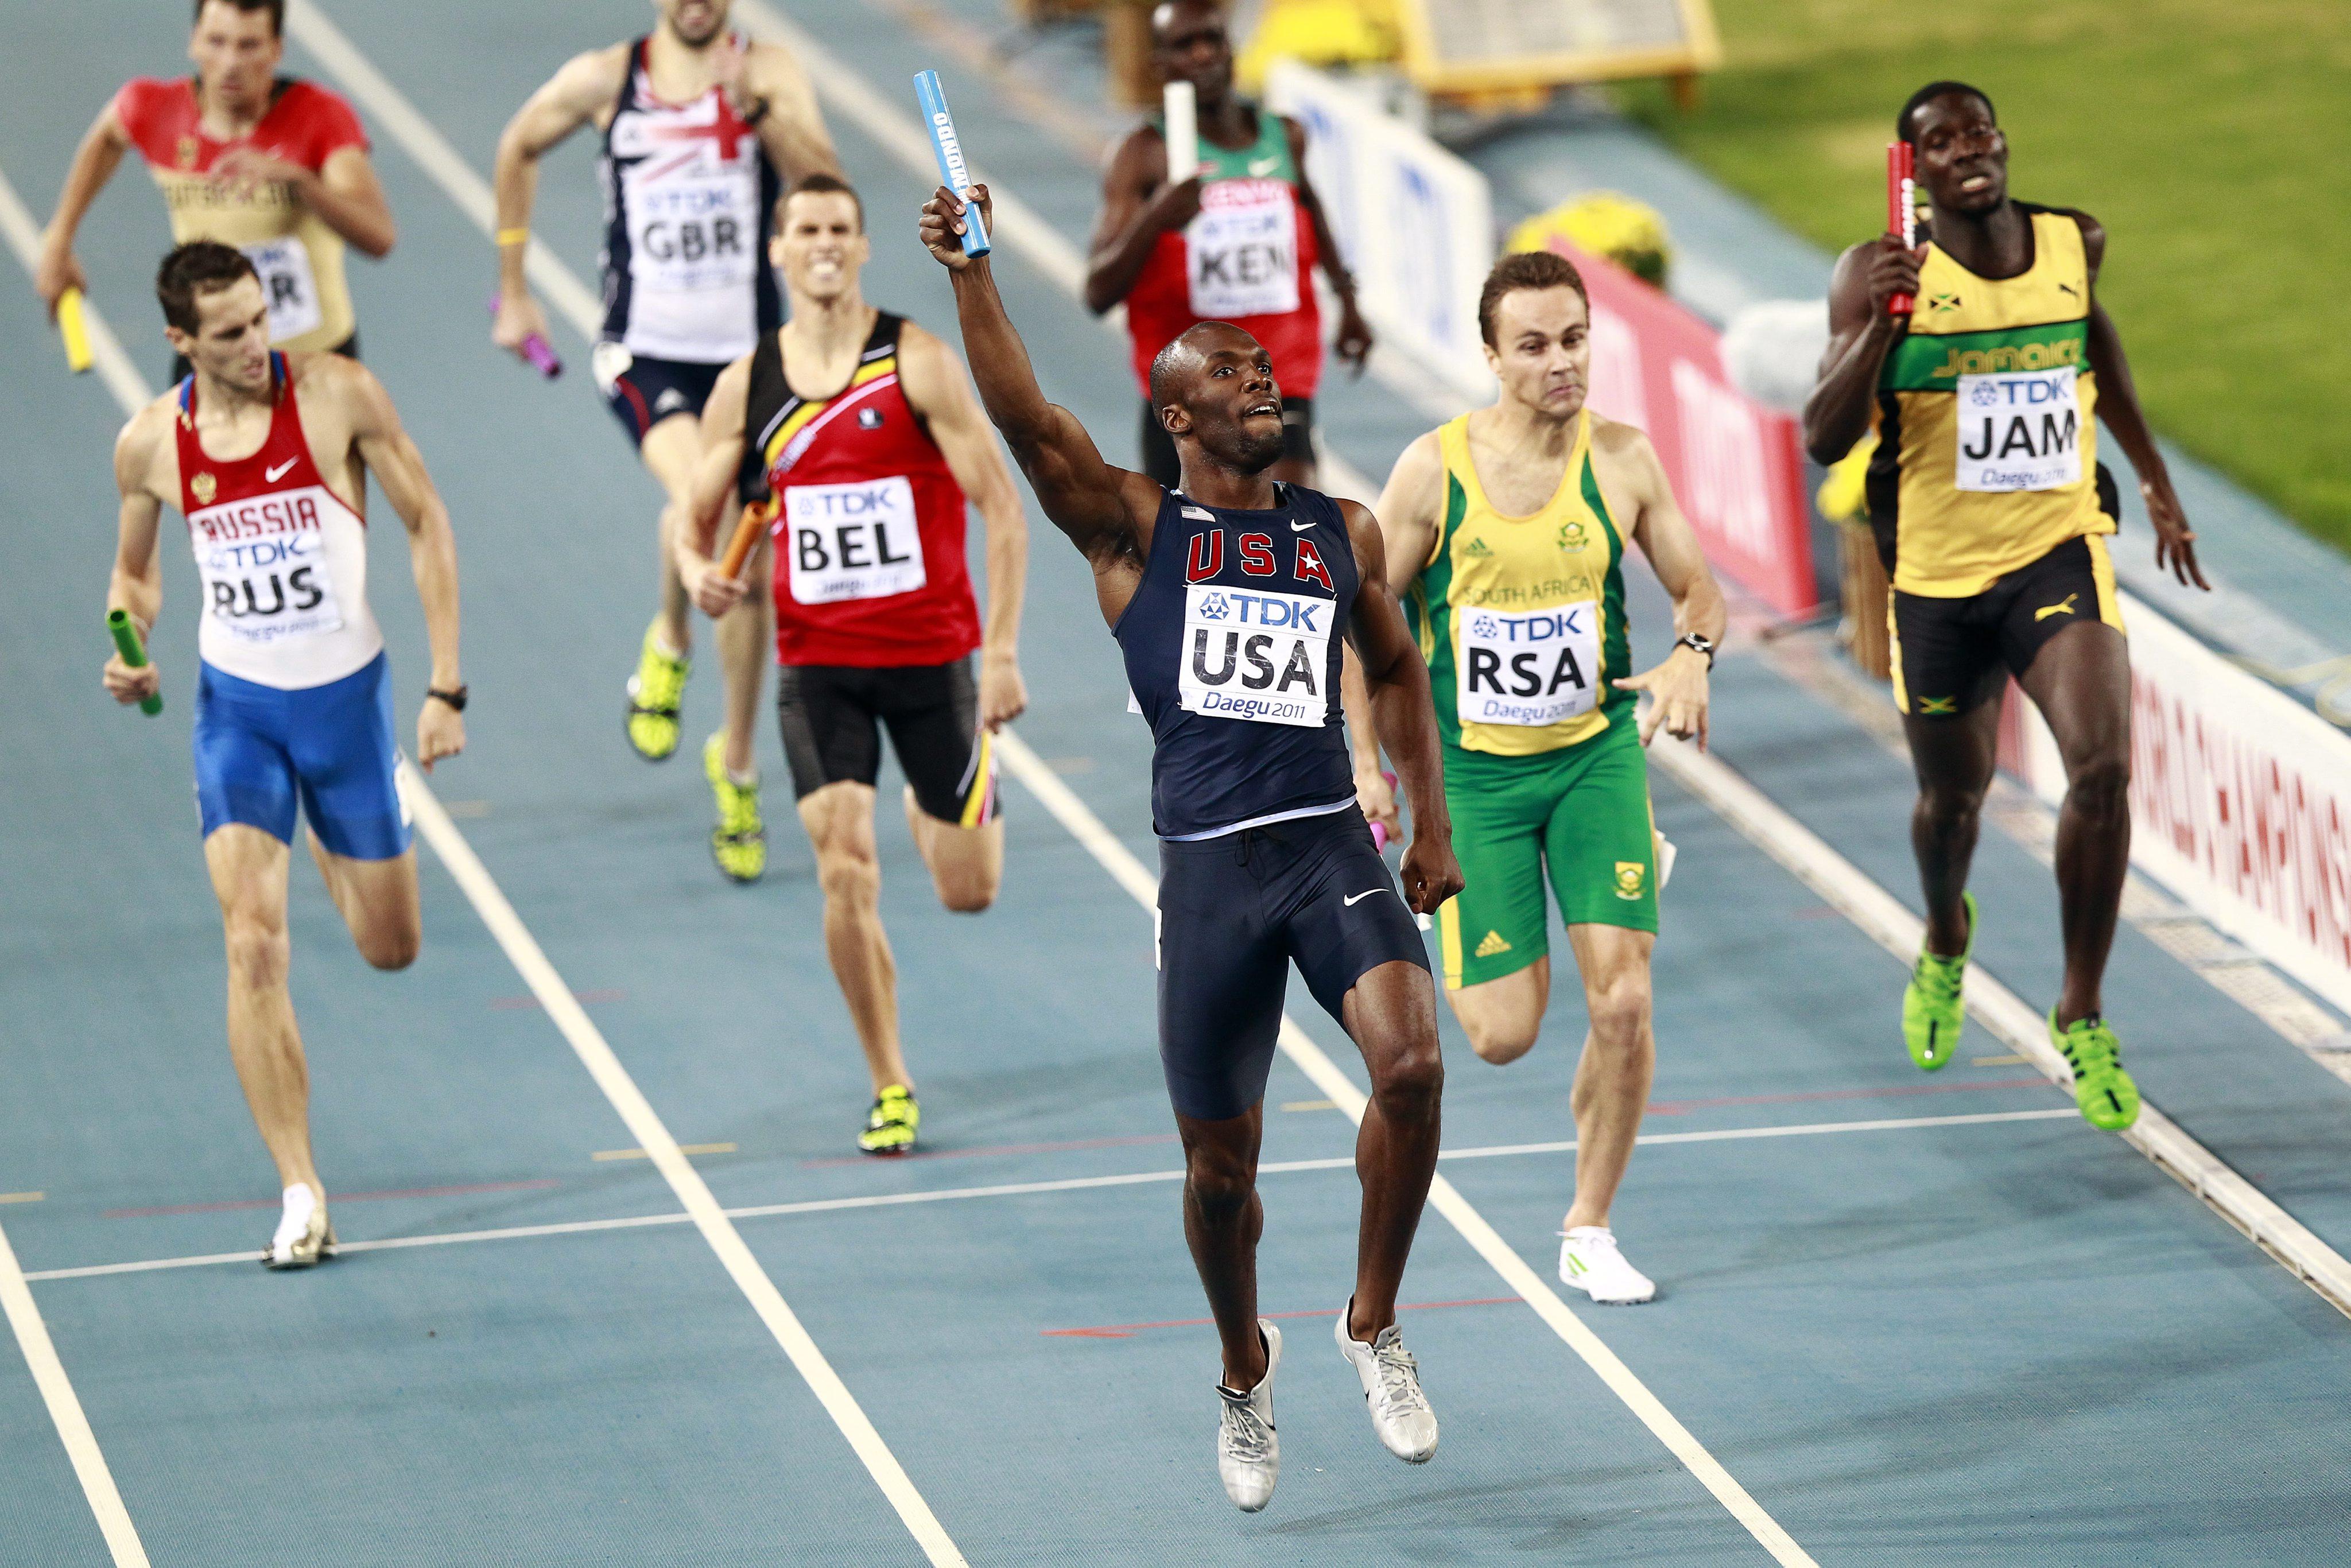 САЩ спечели щафетата на 4 по 400 метра